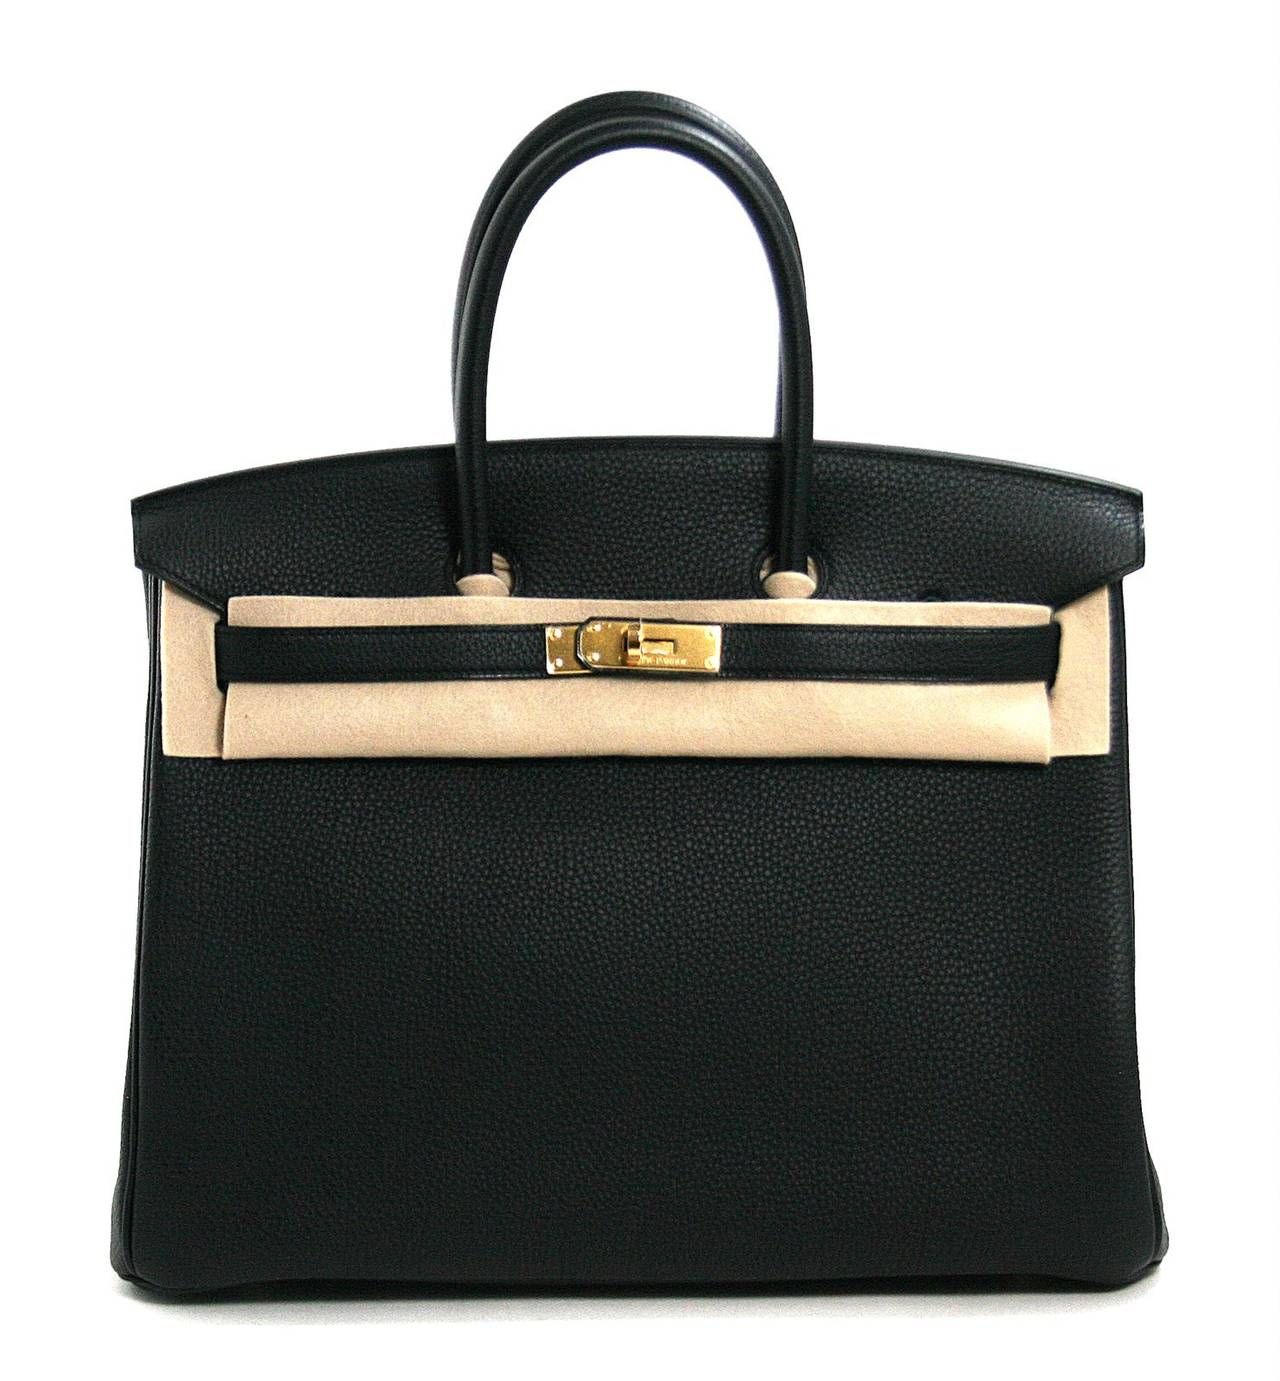 Herm��s Black Togo Leather 35 cm Birkin Bag Gold HW at 1stdibs